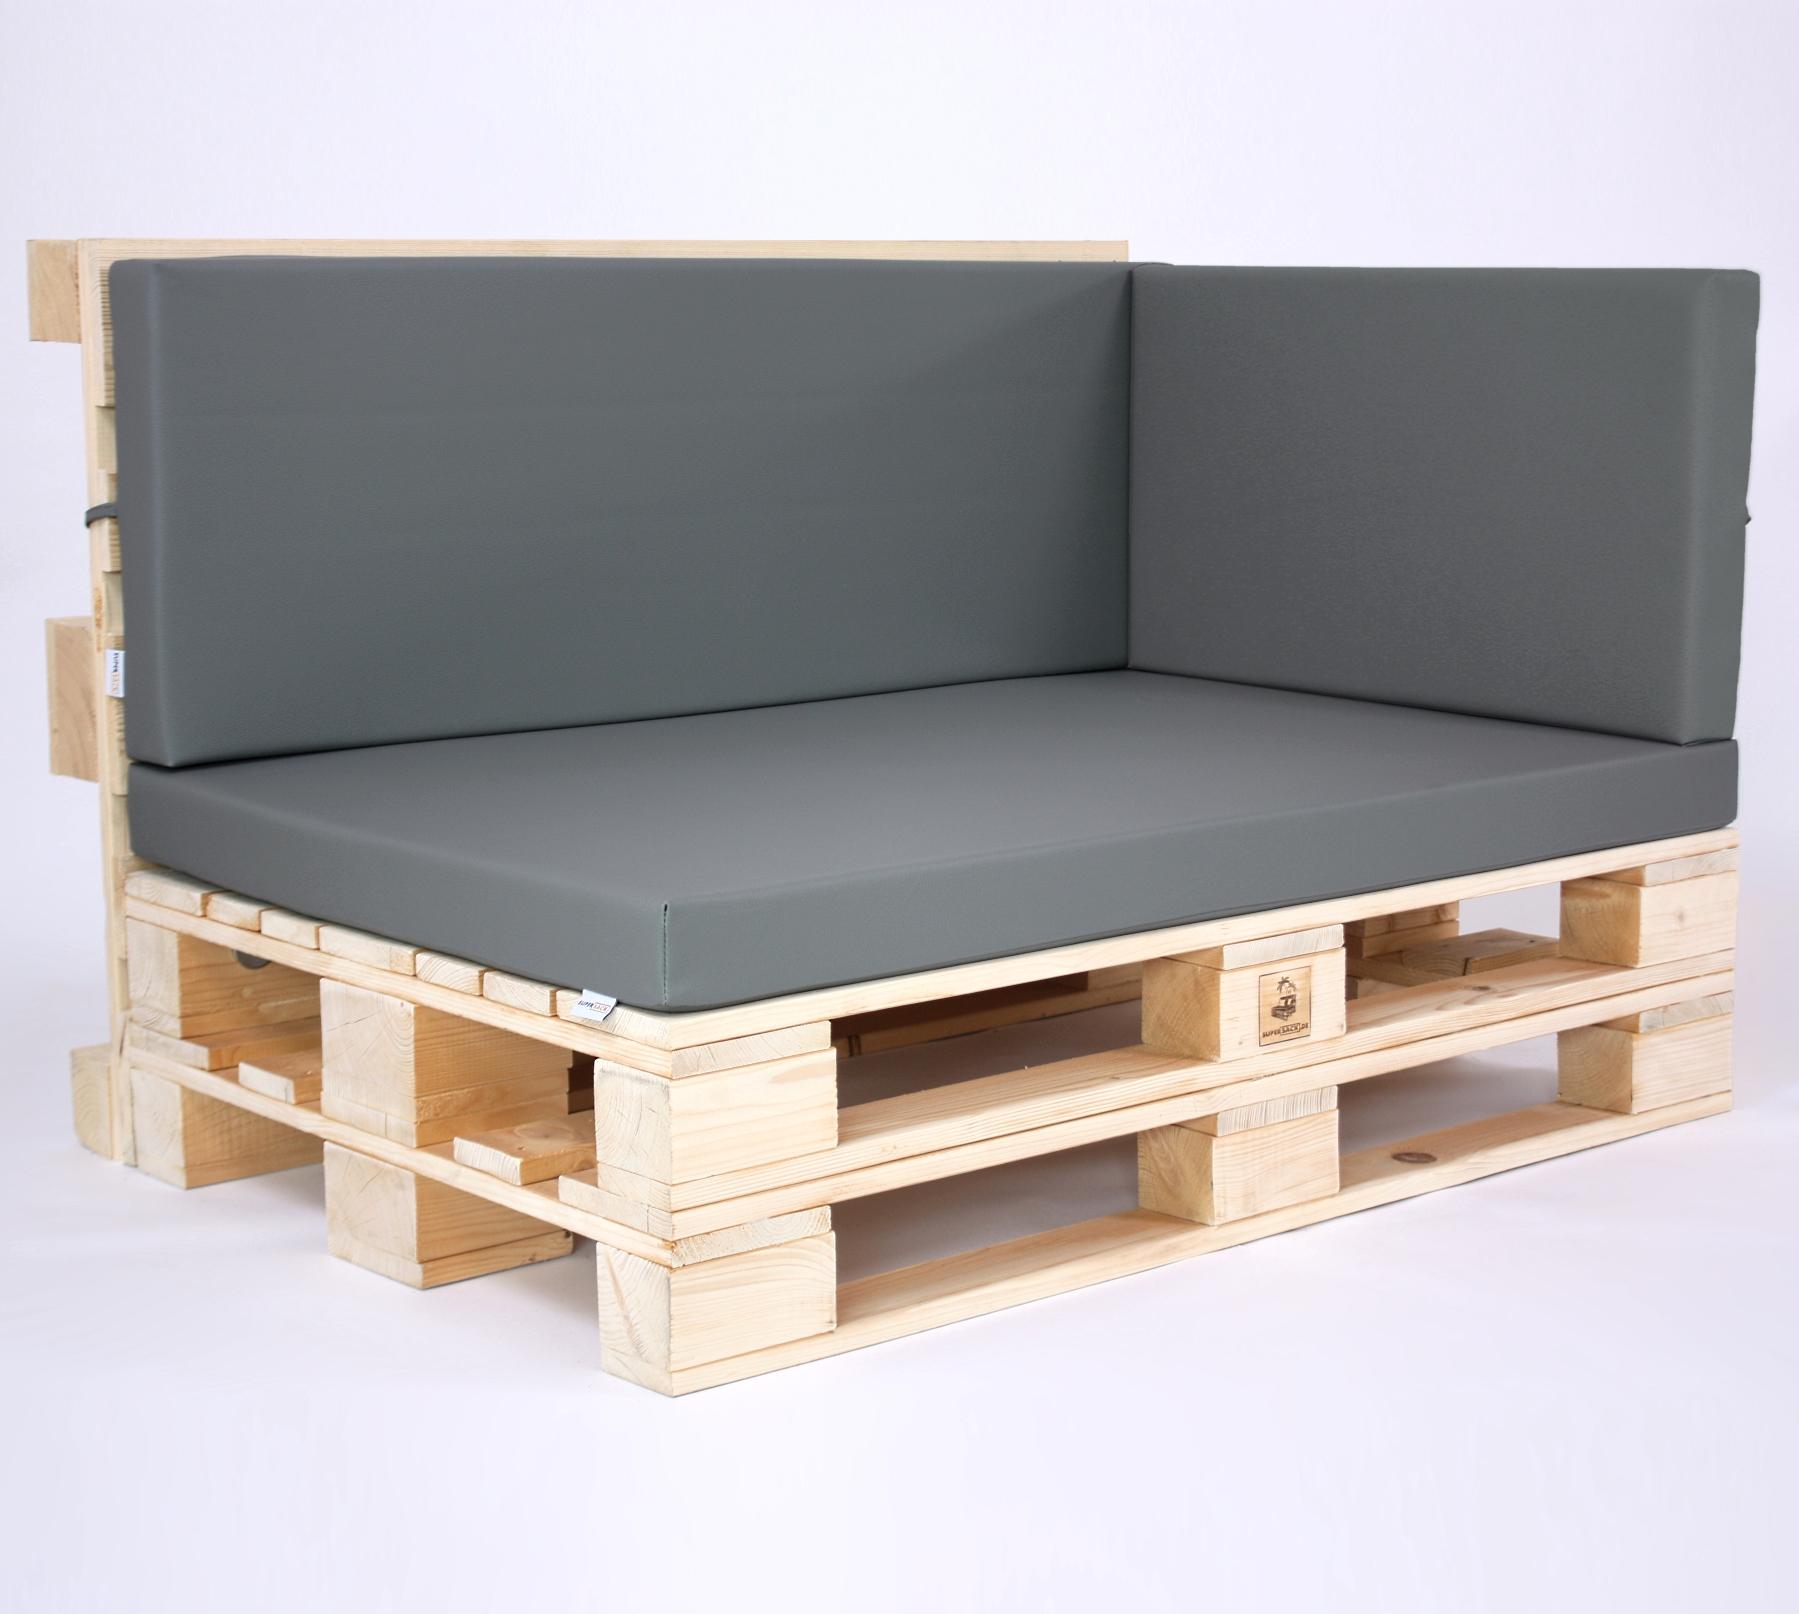 Polster fafar paletten sofa outdoor for Polster fur palettensofa